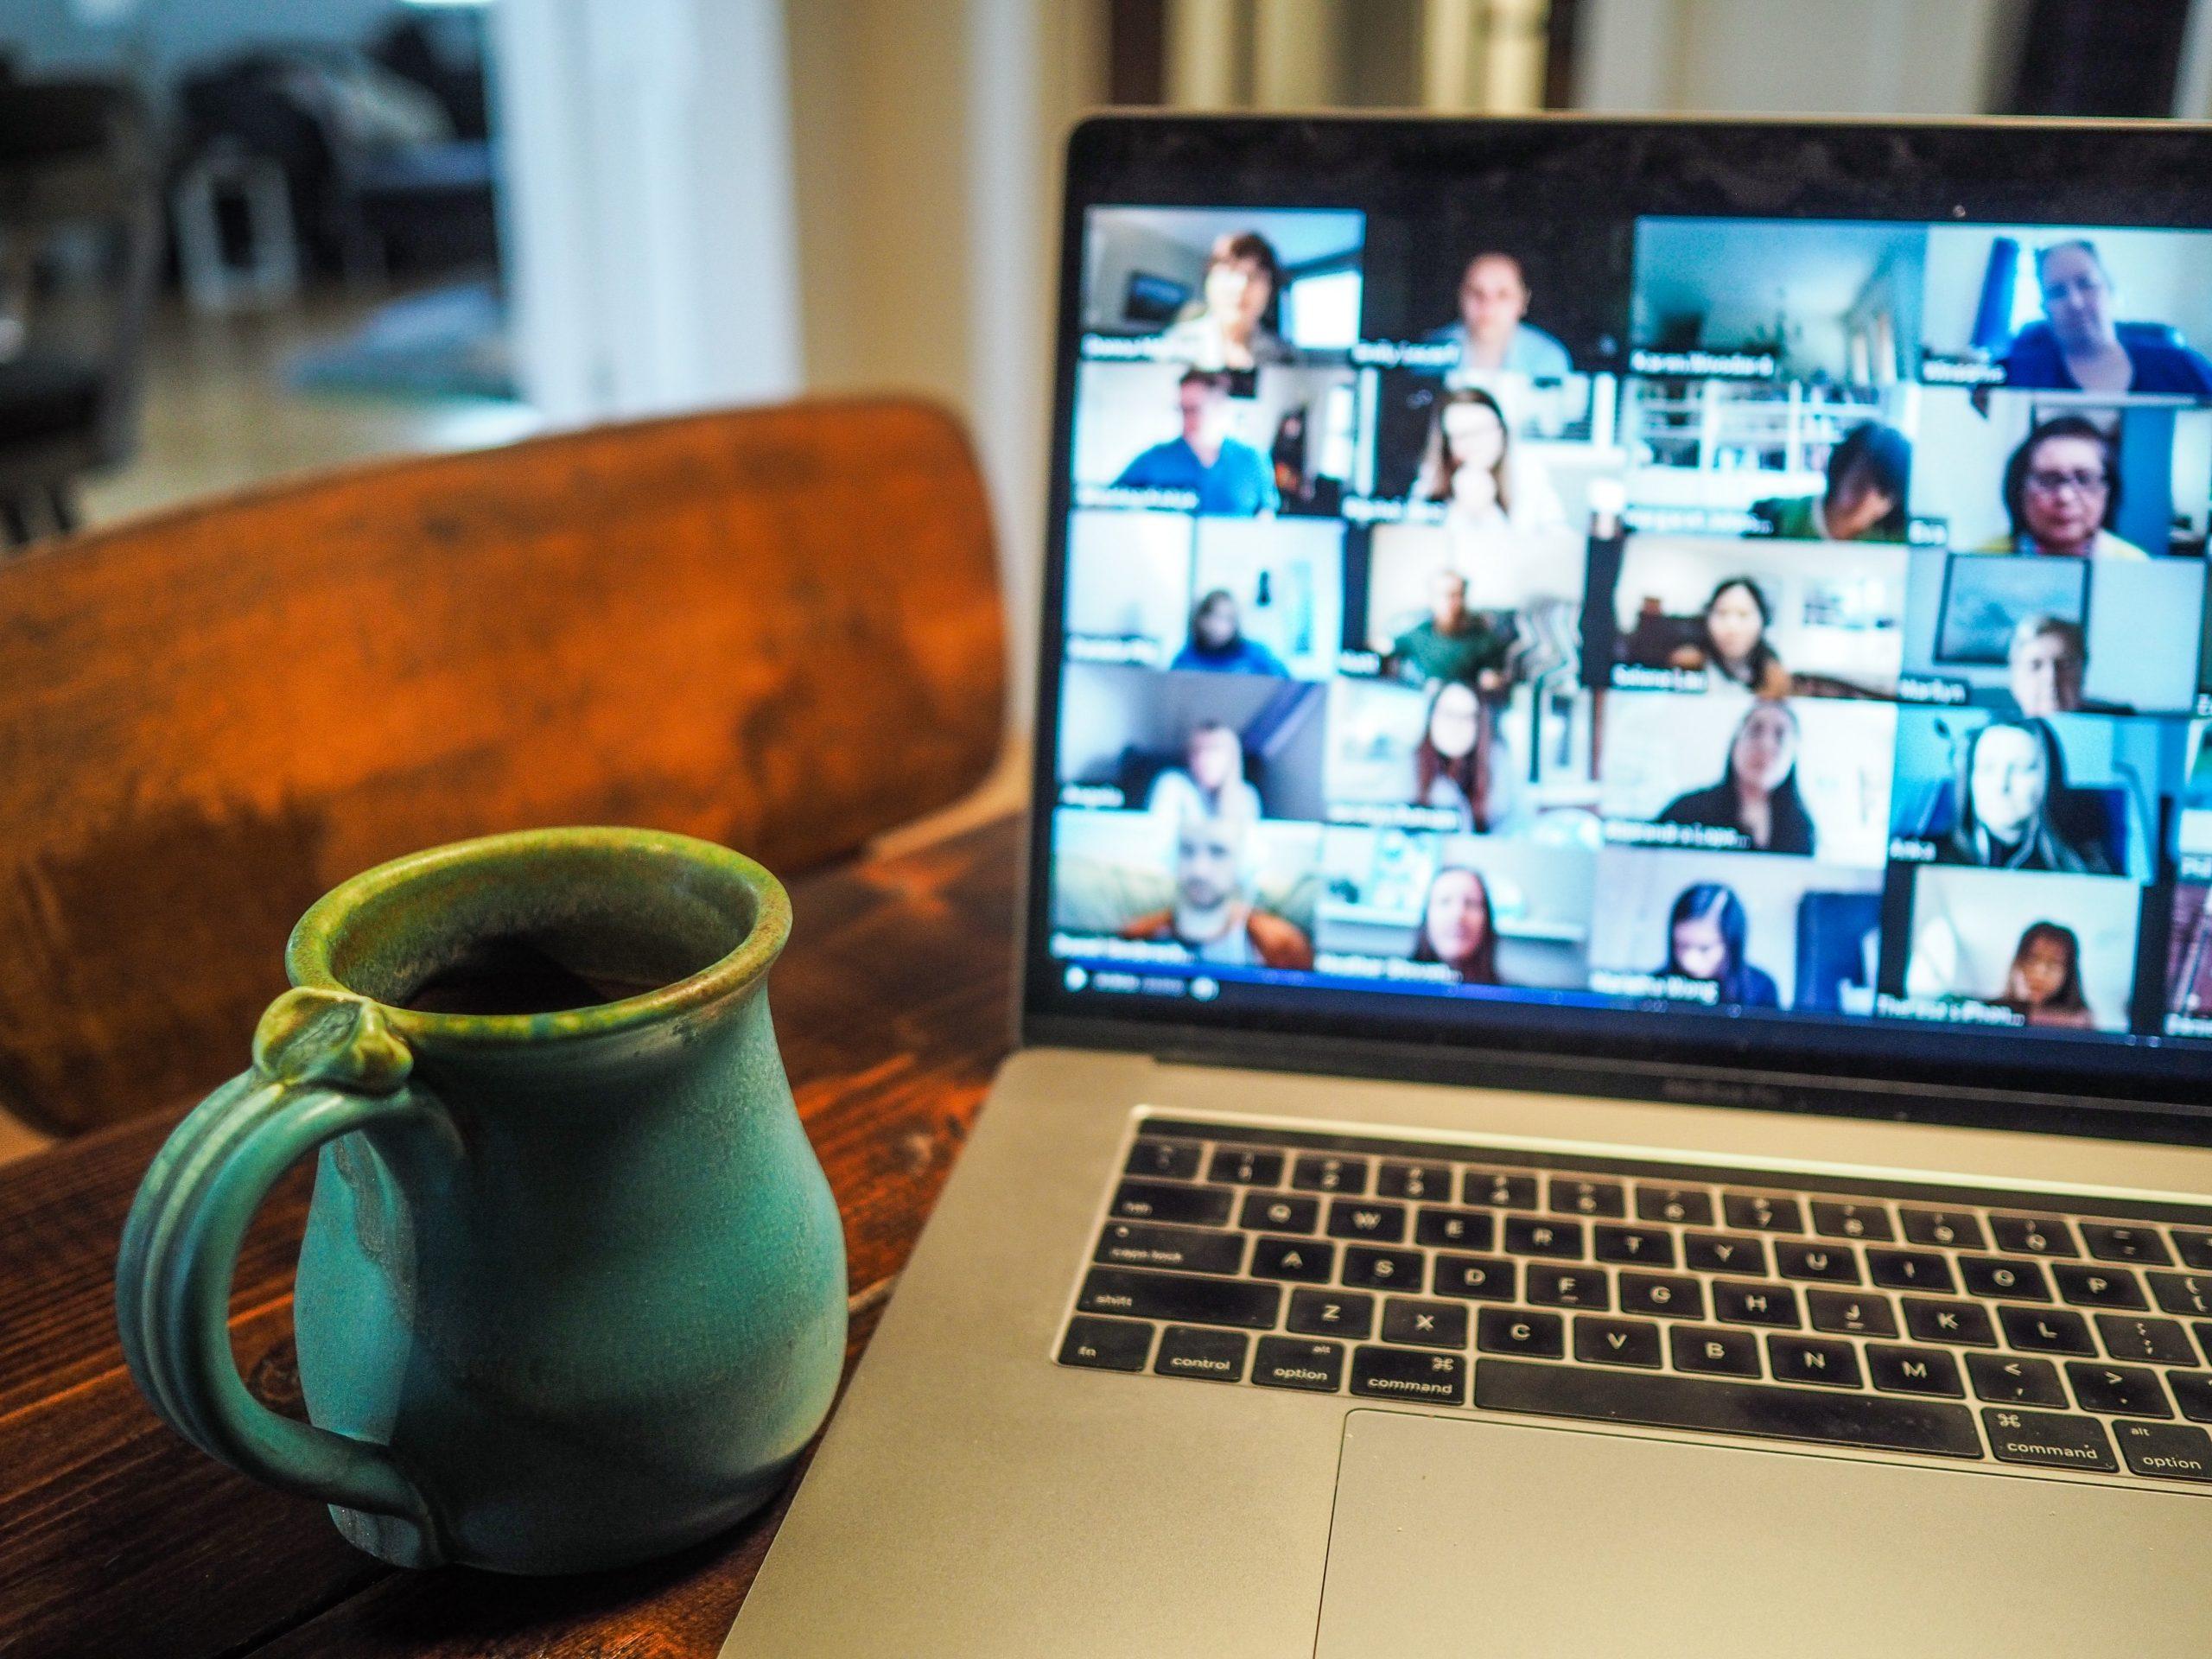 Hoe haal je het meeste uit je online meetings?